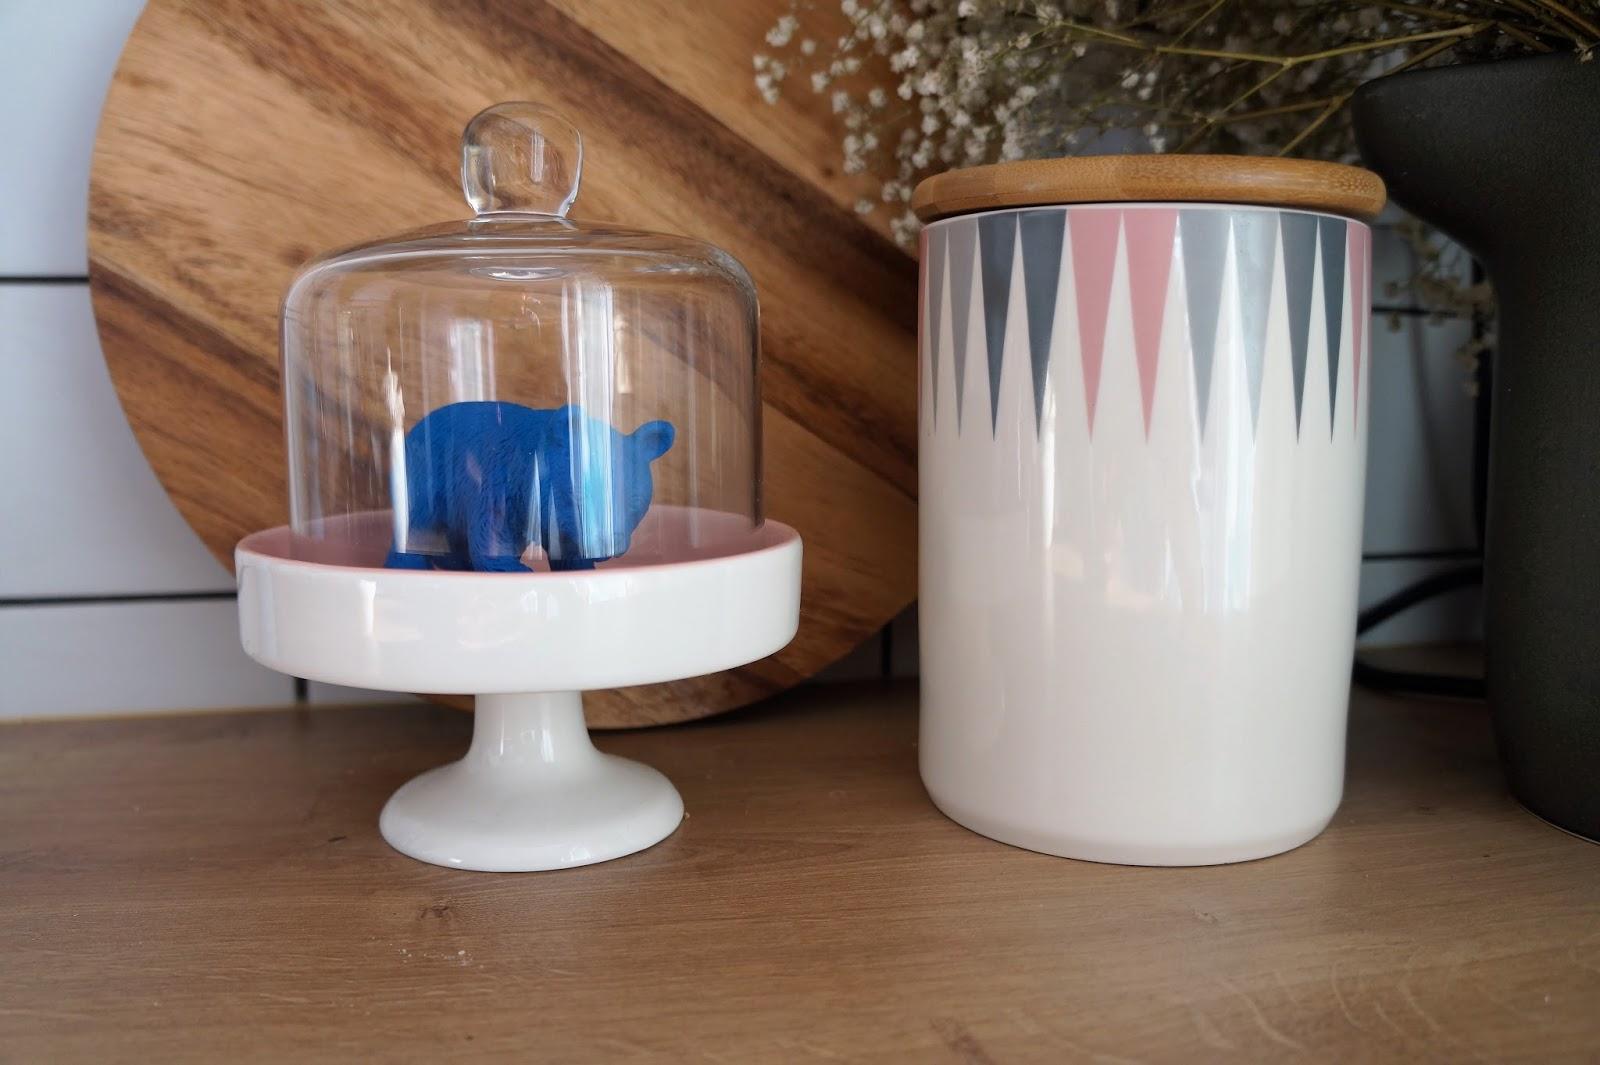 pojemnik kuchenny w pastelowe kolory, patera